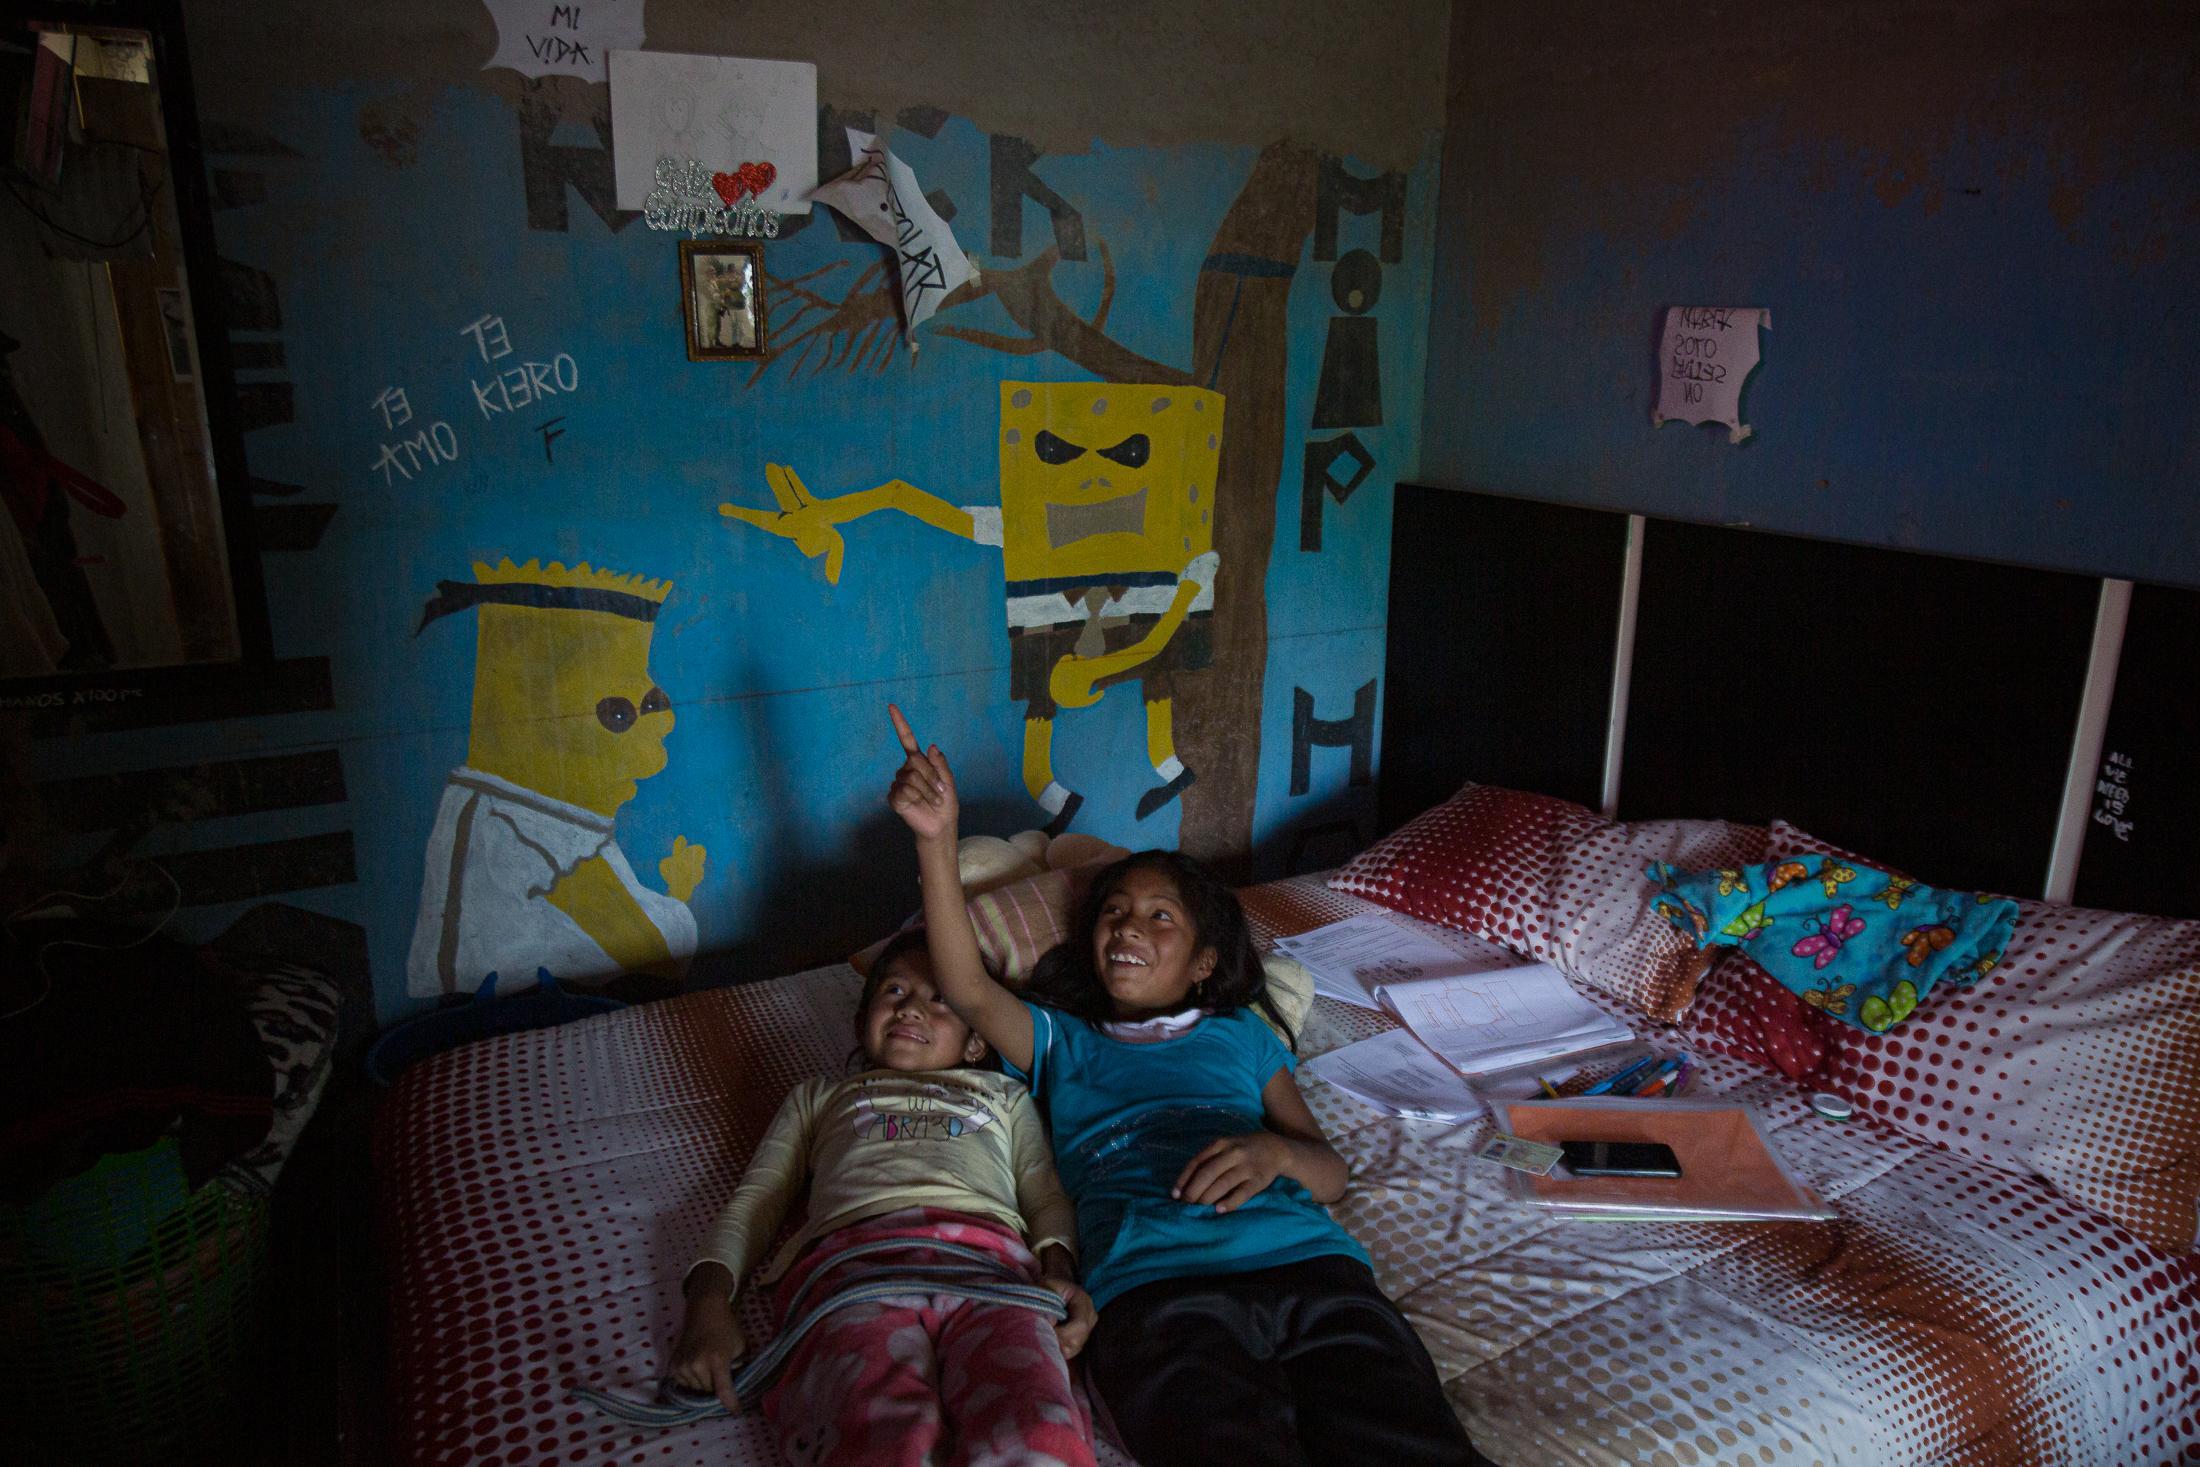 Analí Caiza (6) acompaña a su prima, Celina Paucar (12), en casa de su abuela, después que ella hace su tarea. Ellas miran televisión y juegan en la habitación de sus tíos cuando Celina termina los deberes que su escuela le envía a través de Whatsapp, en la tarde del 22 de mayo de 2020. Cotogchoa-Ecuador. Andrés Yépez.